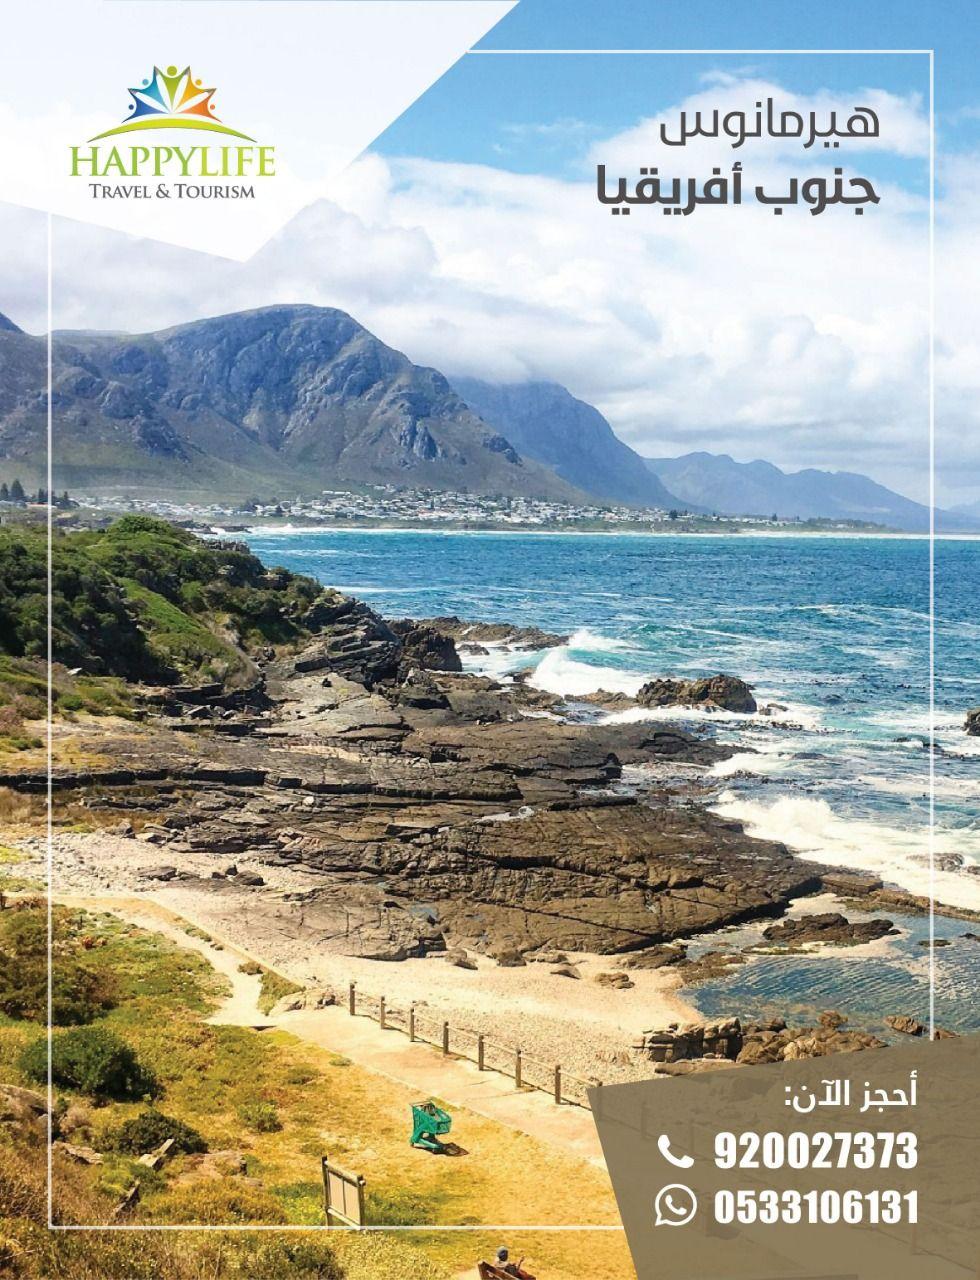 شاهد الحياة البرية الساحرة والحيتان في مدينة هيرمانوس جنوب أفريقيا مع الحياة السعيدة للسياحة زر الرابط للتفاصيل Tourism Travel And Tourism Travel